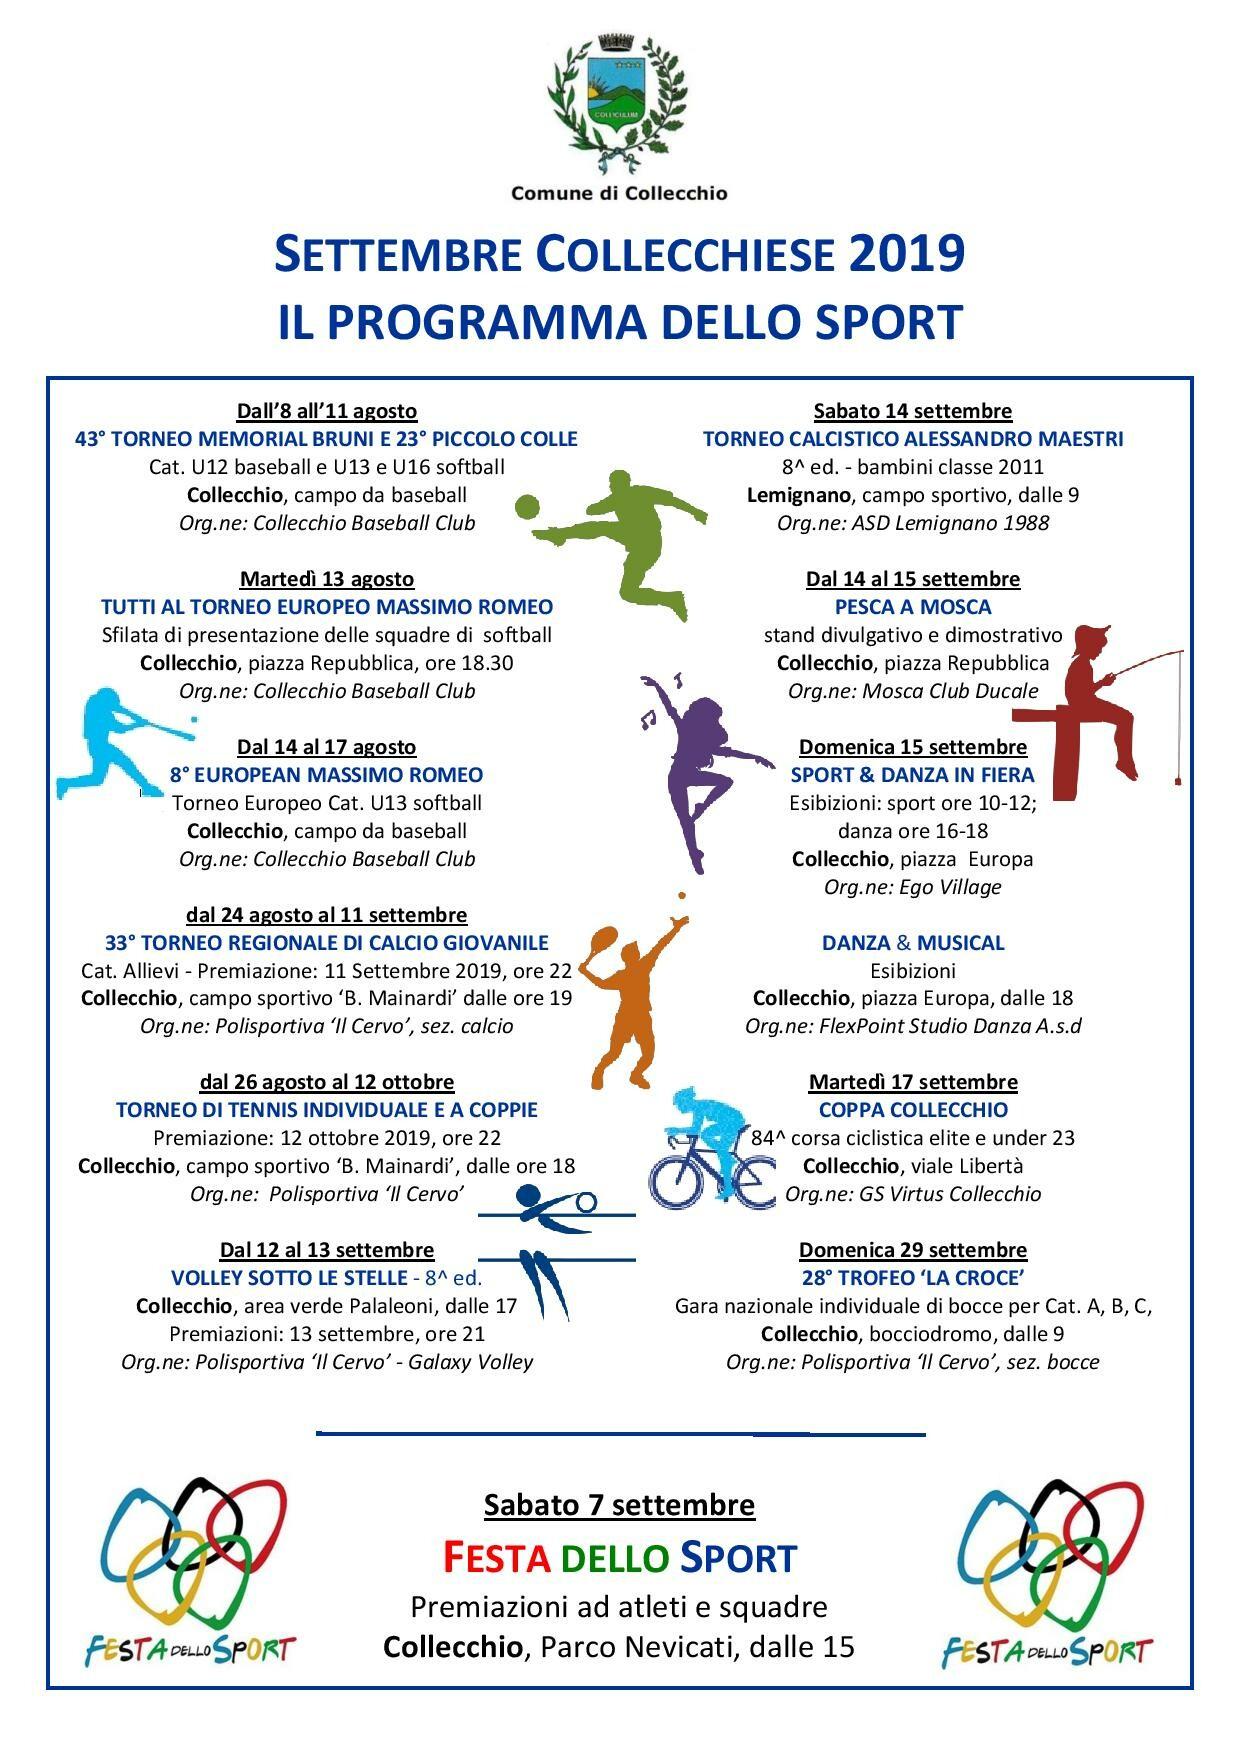 Settembre Collecchiese edizione 2019: programma sportivo